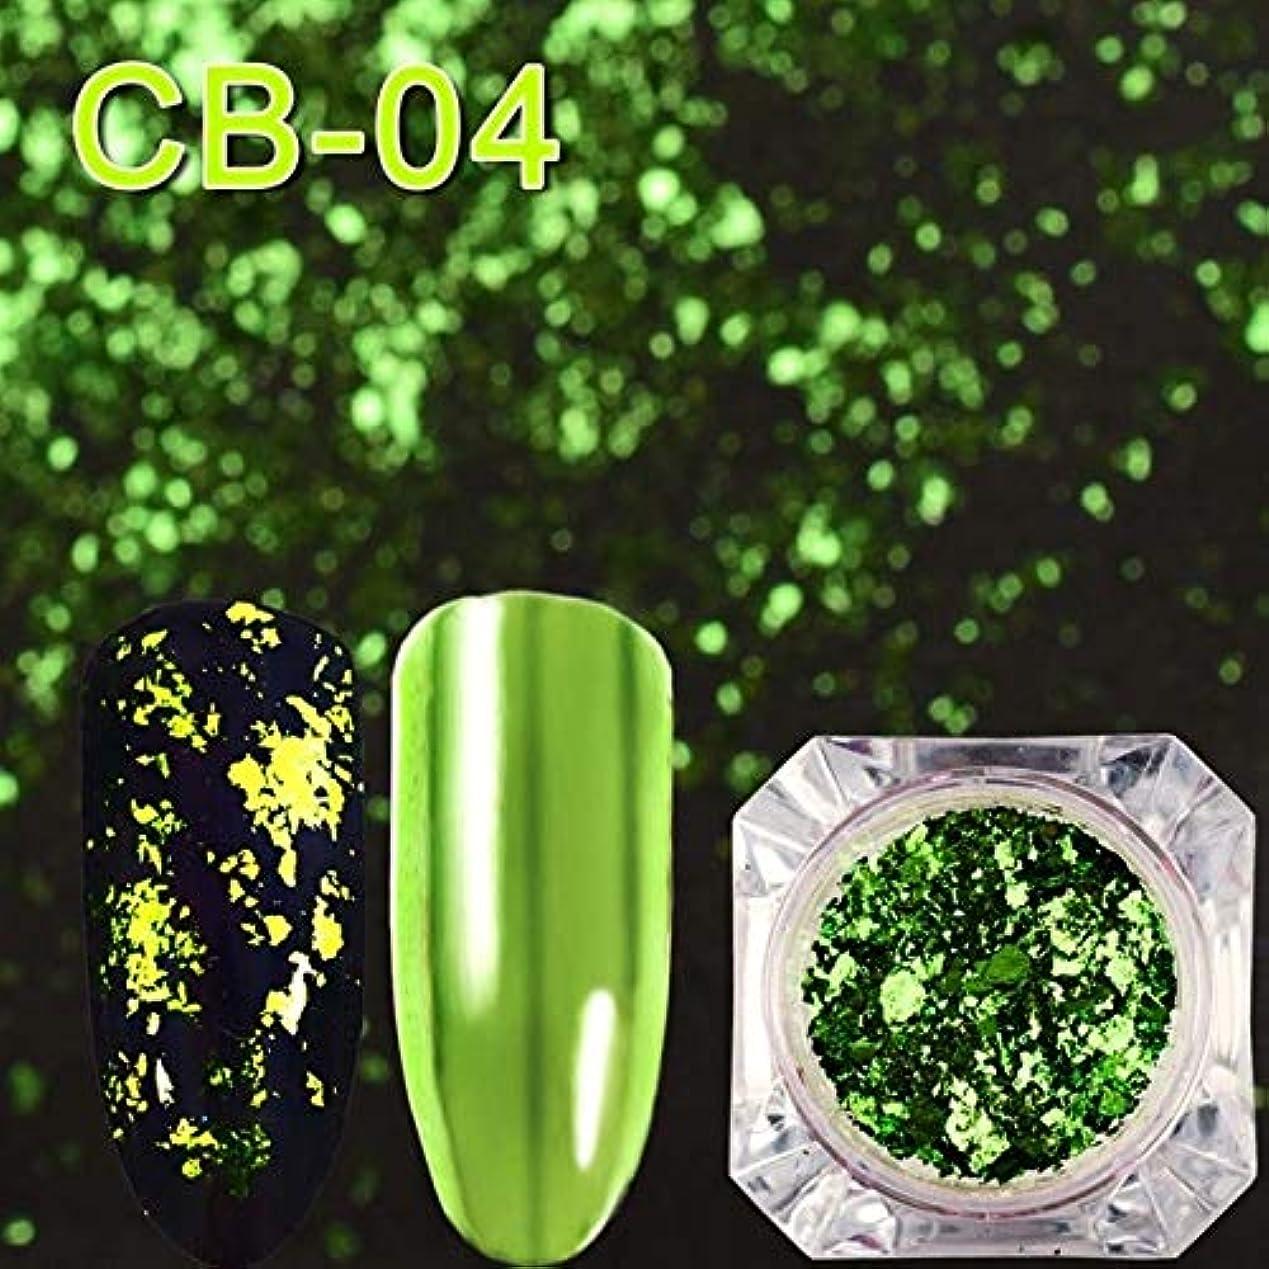 ノーブルアクセントプリーツ手足ビューティーケア 3個マジックミラーカメレオングリッターネイルフレークスパンコール不規則なネイルデコレーション(CB01) (色 : CB04)